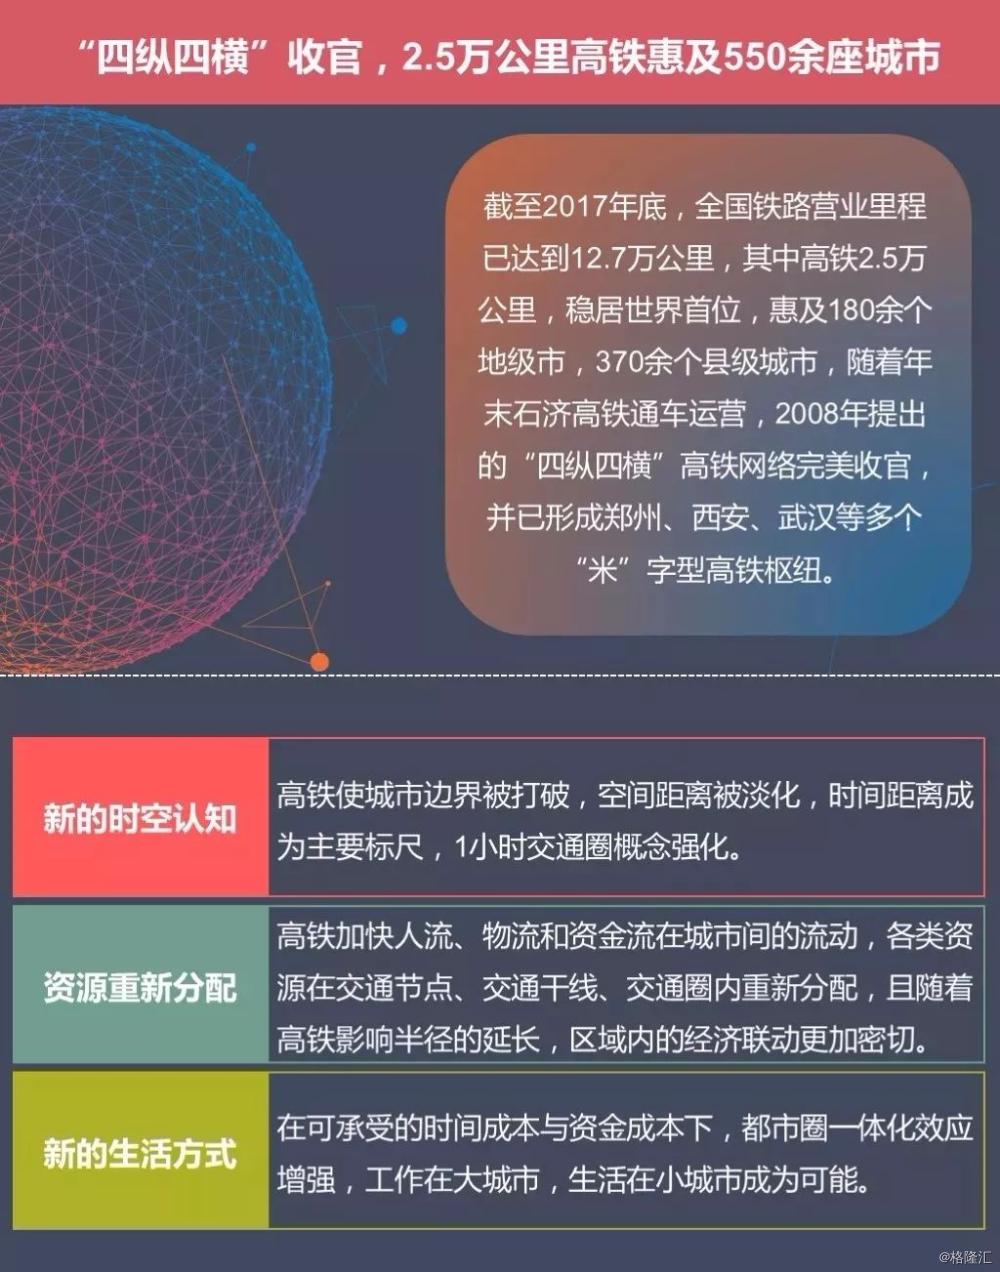 全景图解中国高铁格局,洞悉大国之城谁将崛起